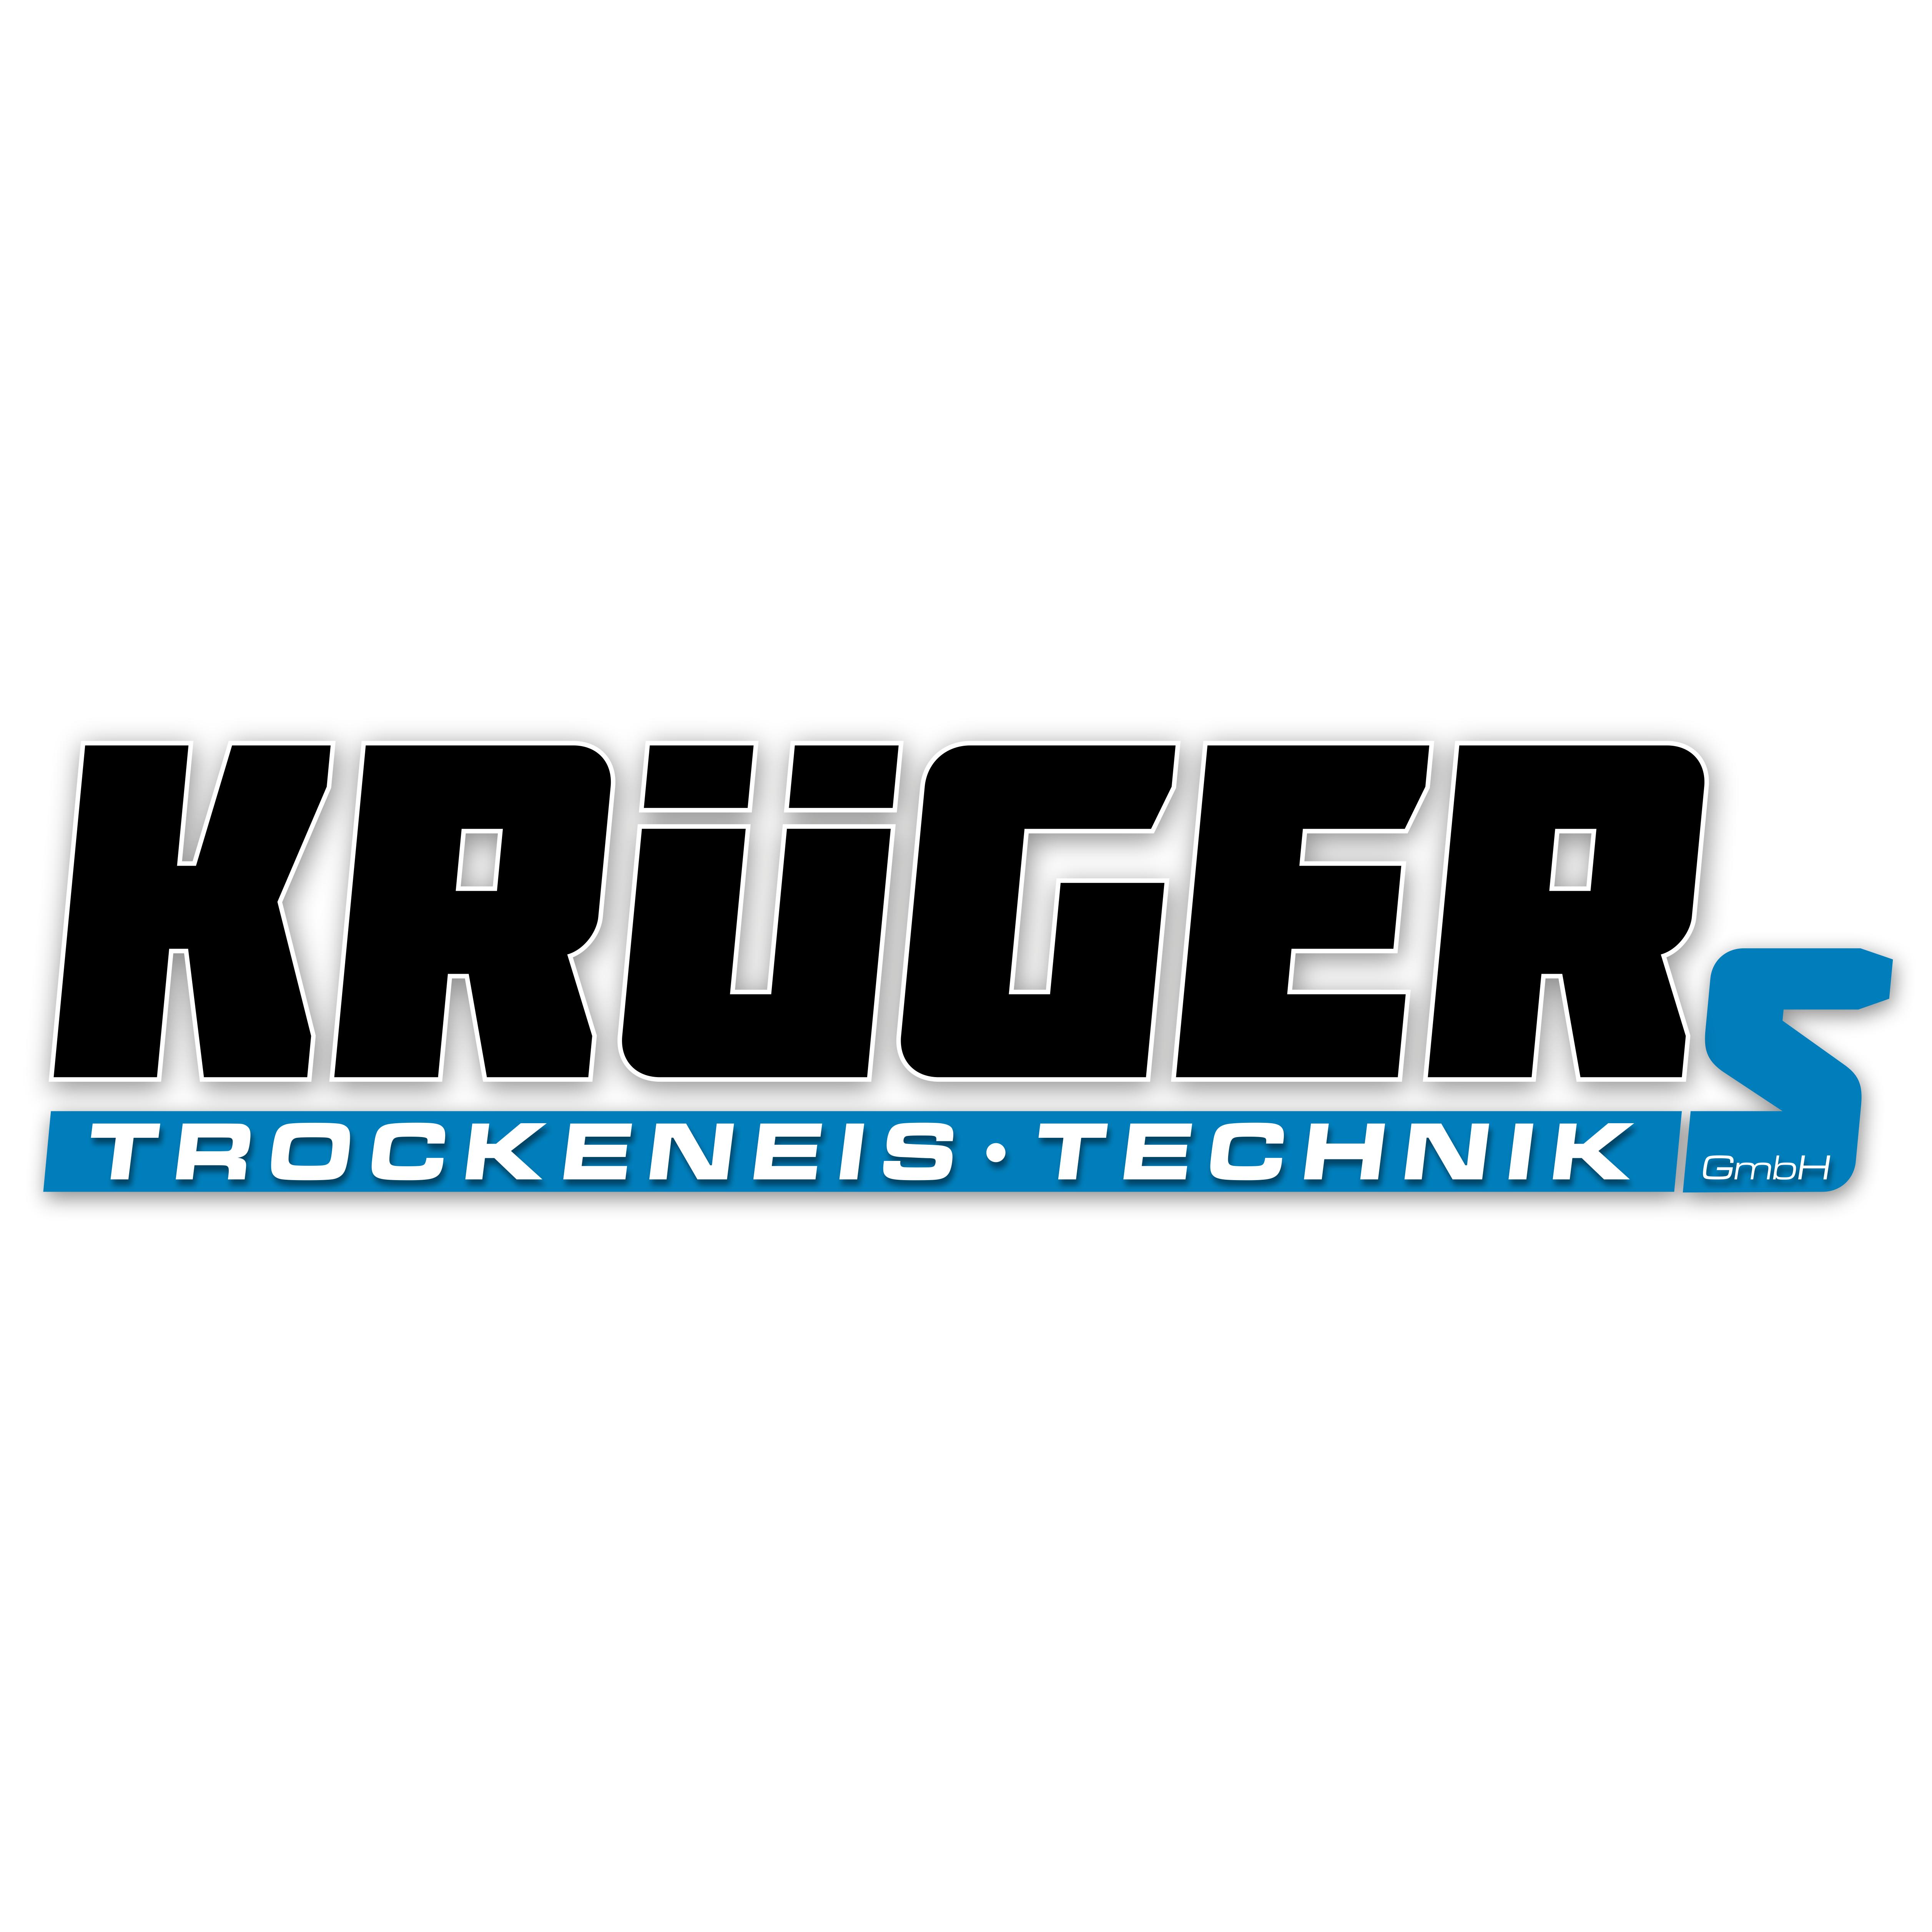 Krügers Trockeneis Technik GmbH